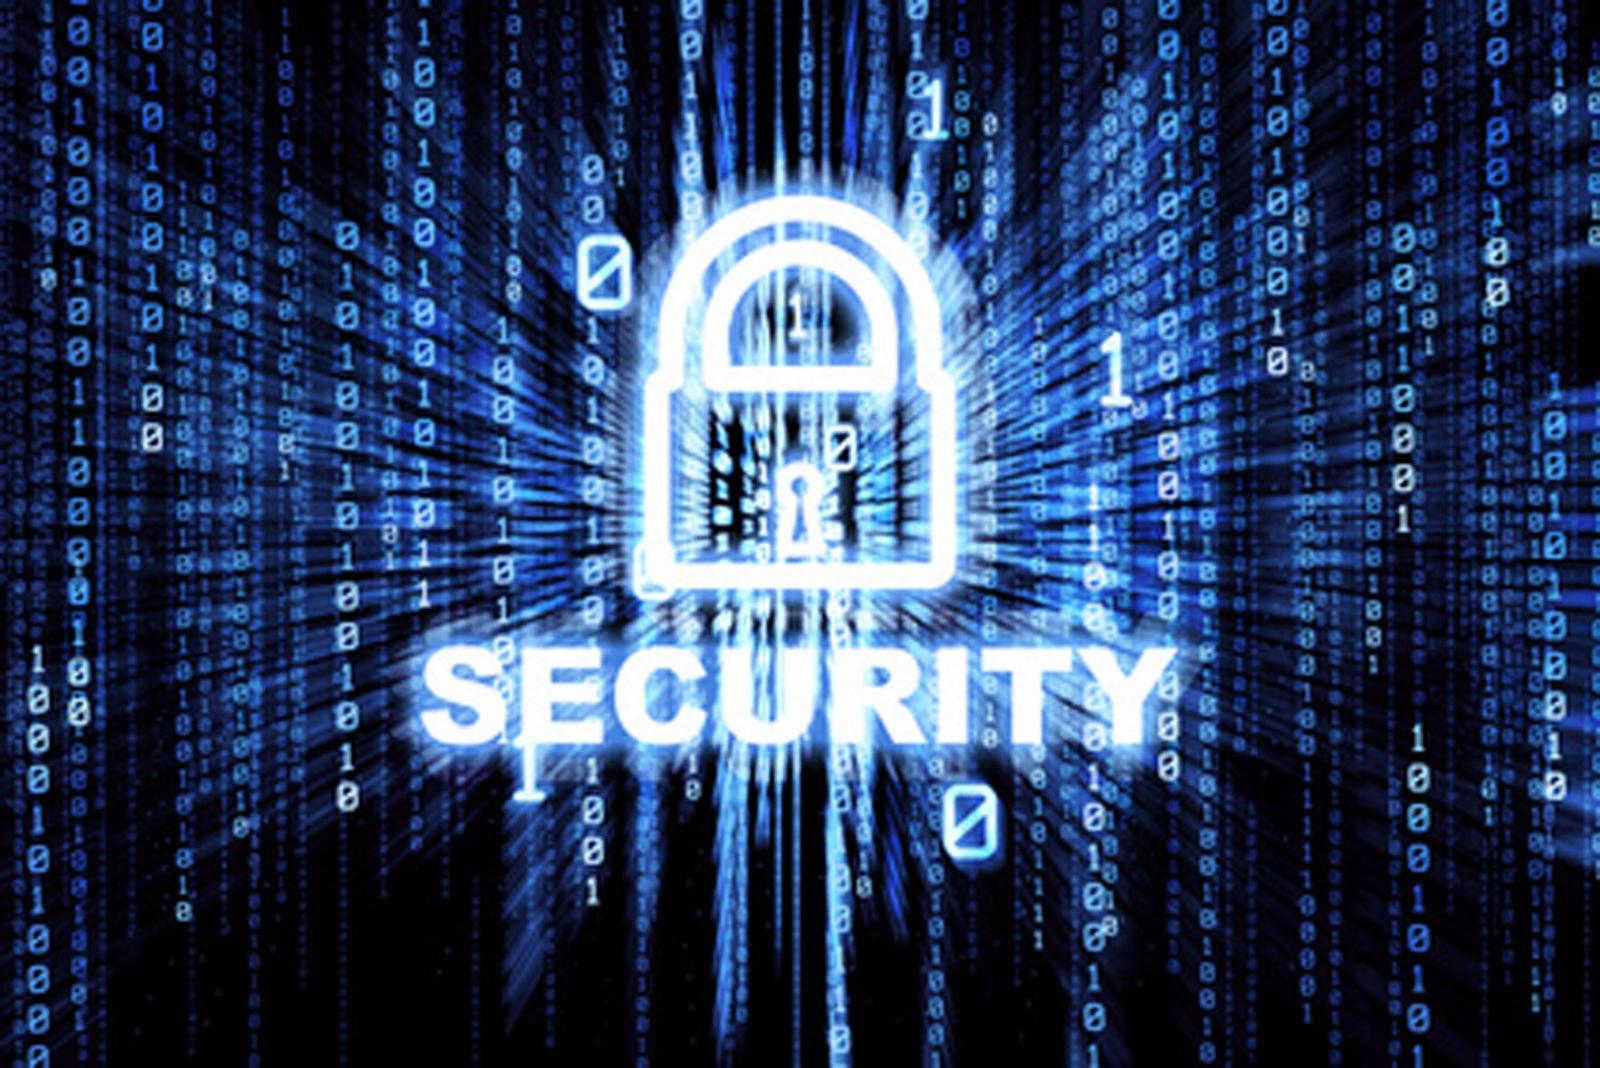 2 sai lầm về bảo mật mà nhiều người mắc phải nhất và khắc phục